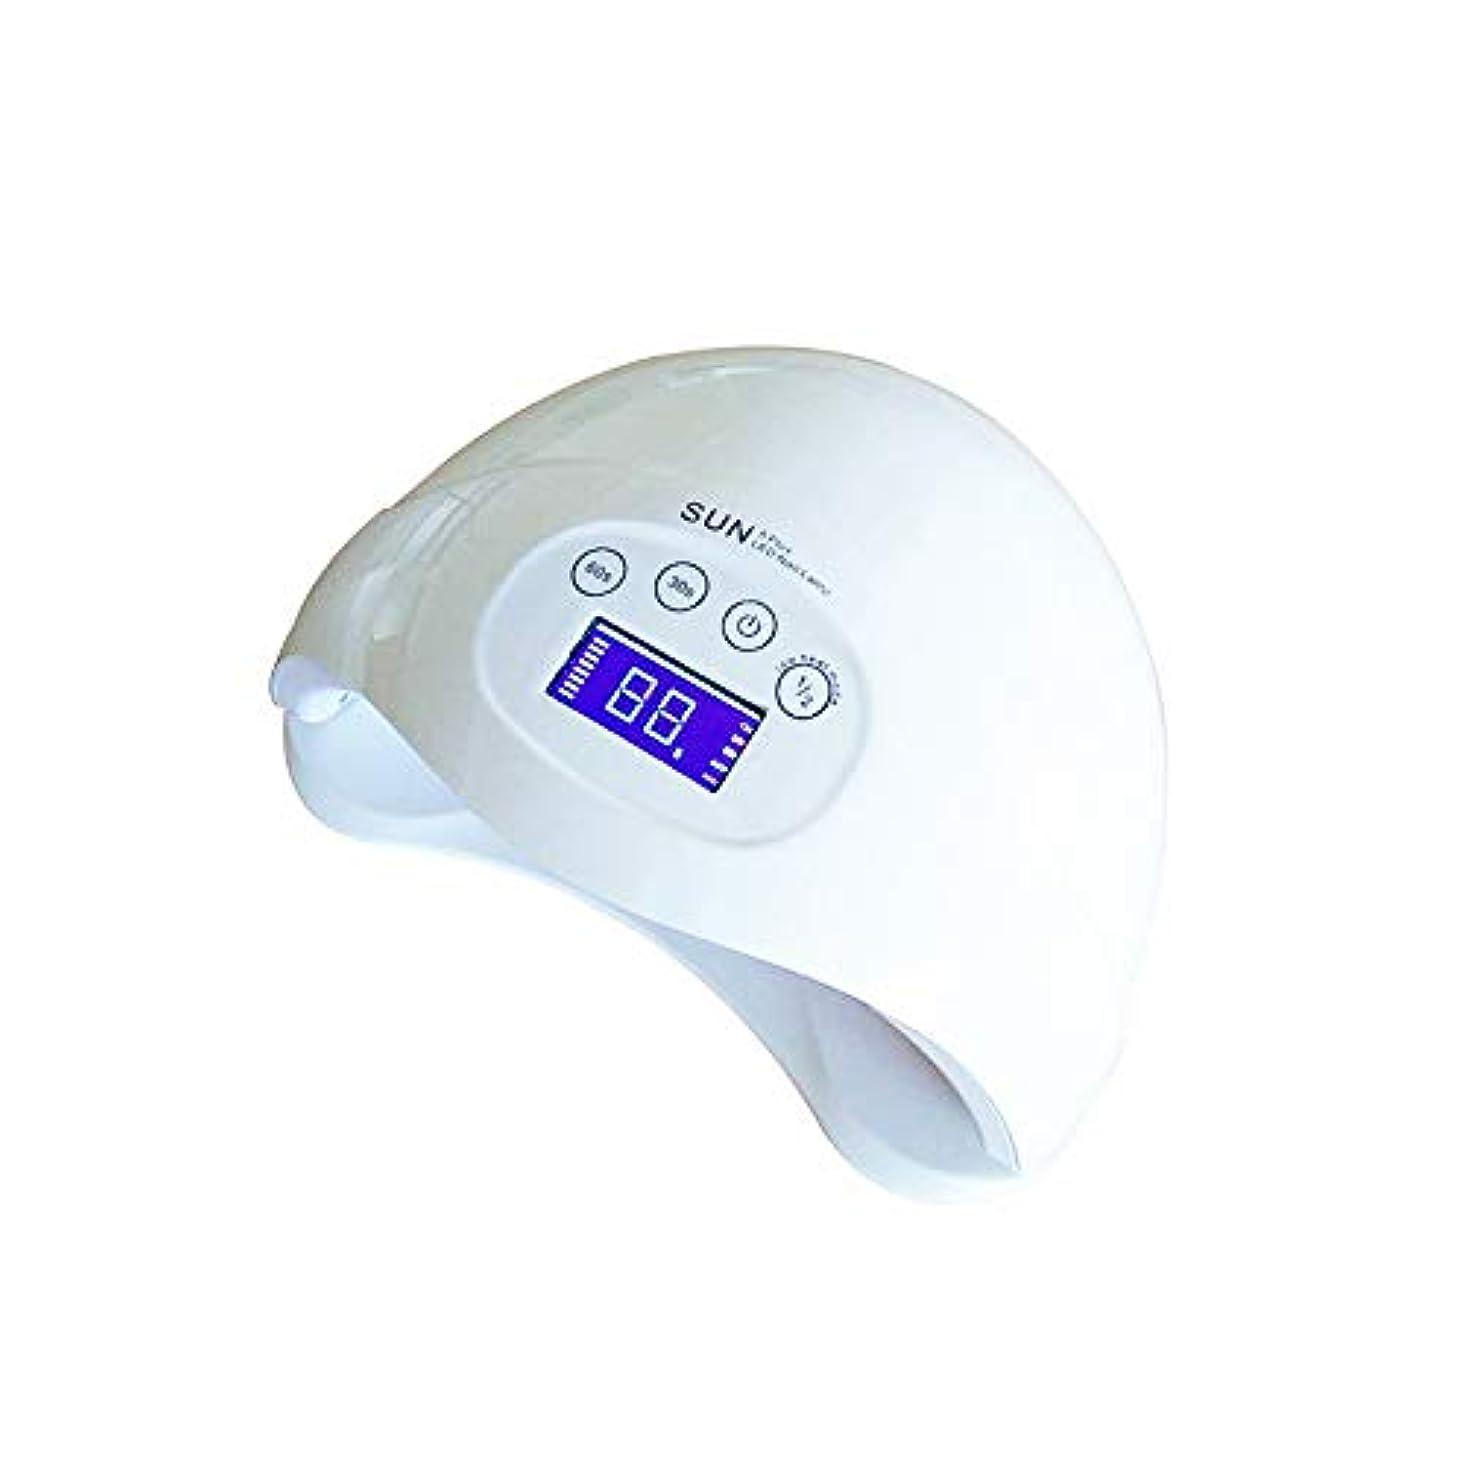 からに変化する穏やかなリーガンネイルライト48W UV LEDネイルドライヤー無痛硬化ランプ付き自動感知LEDディスプレイ4タイマー設定